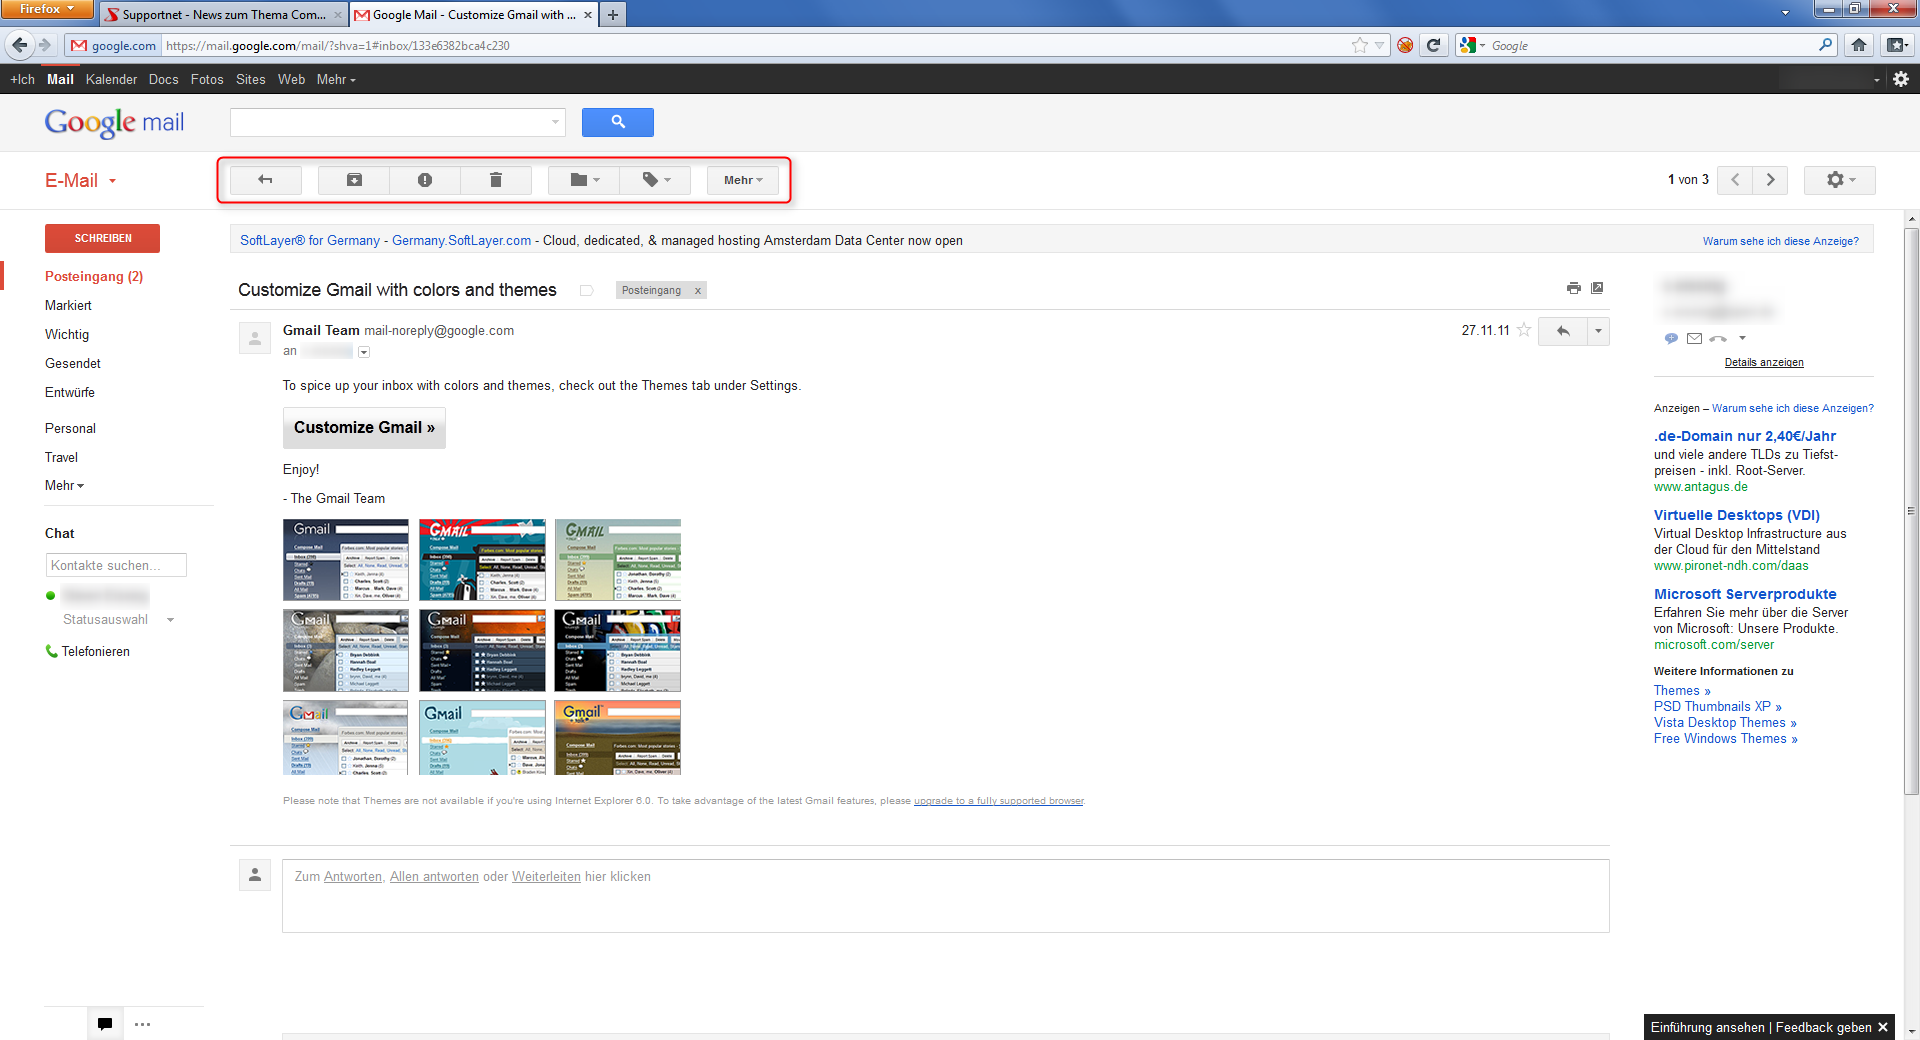 02-google-mail-die-konkurrenz-zu-gmx-und-co-offene-e-mail-470.png?nocache=1325759199631